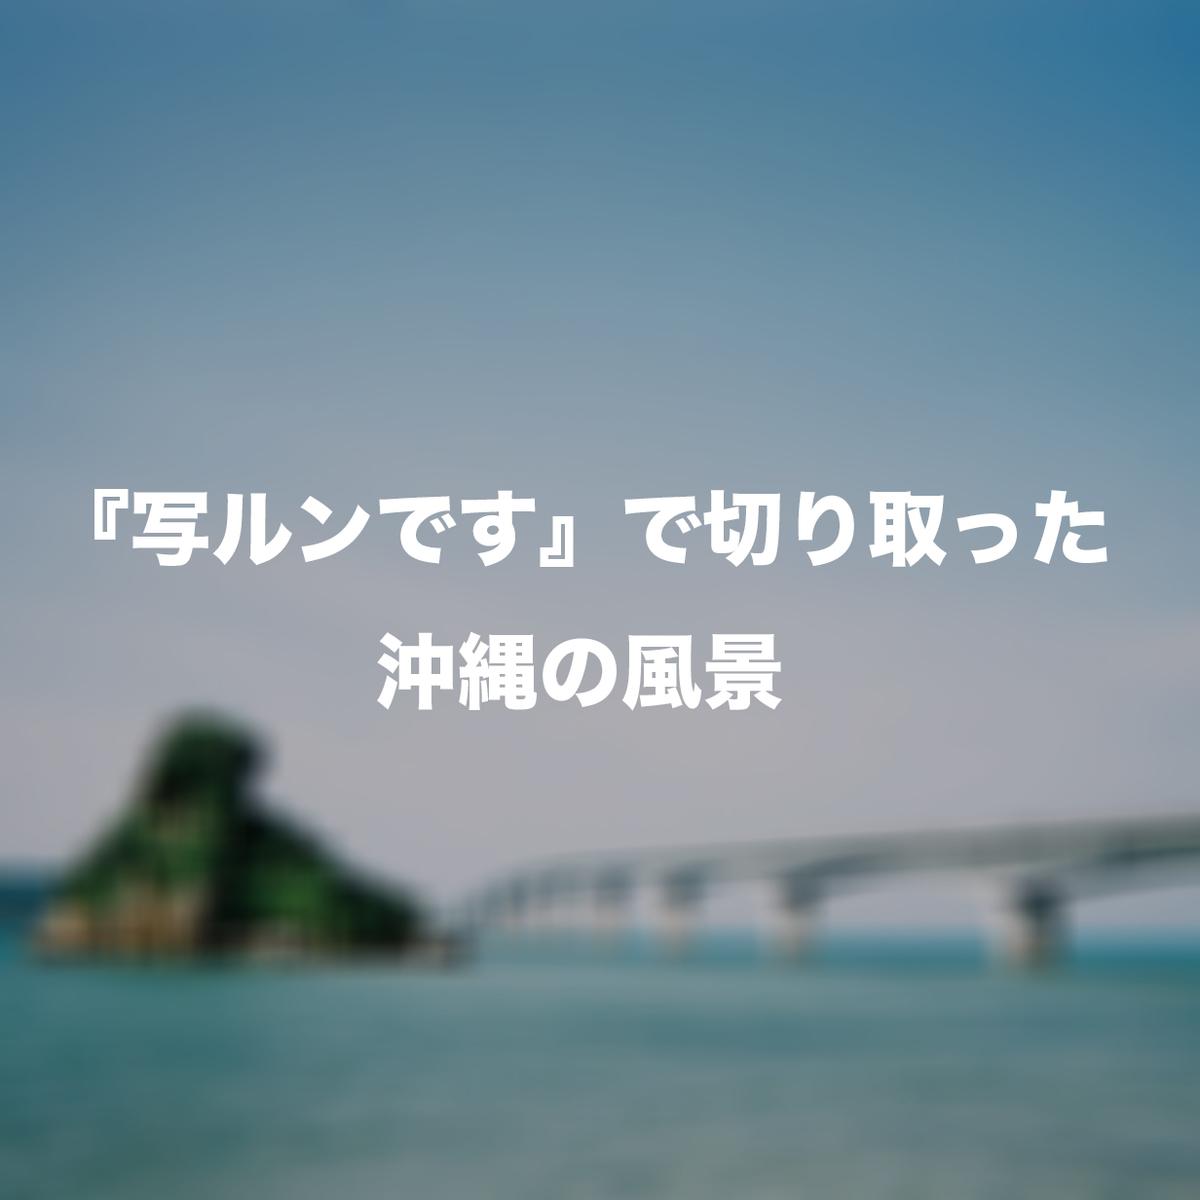 f:id:tidus_tabilog:20210902114136j:plain